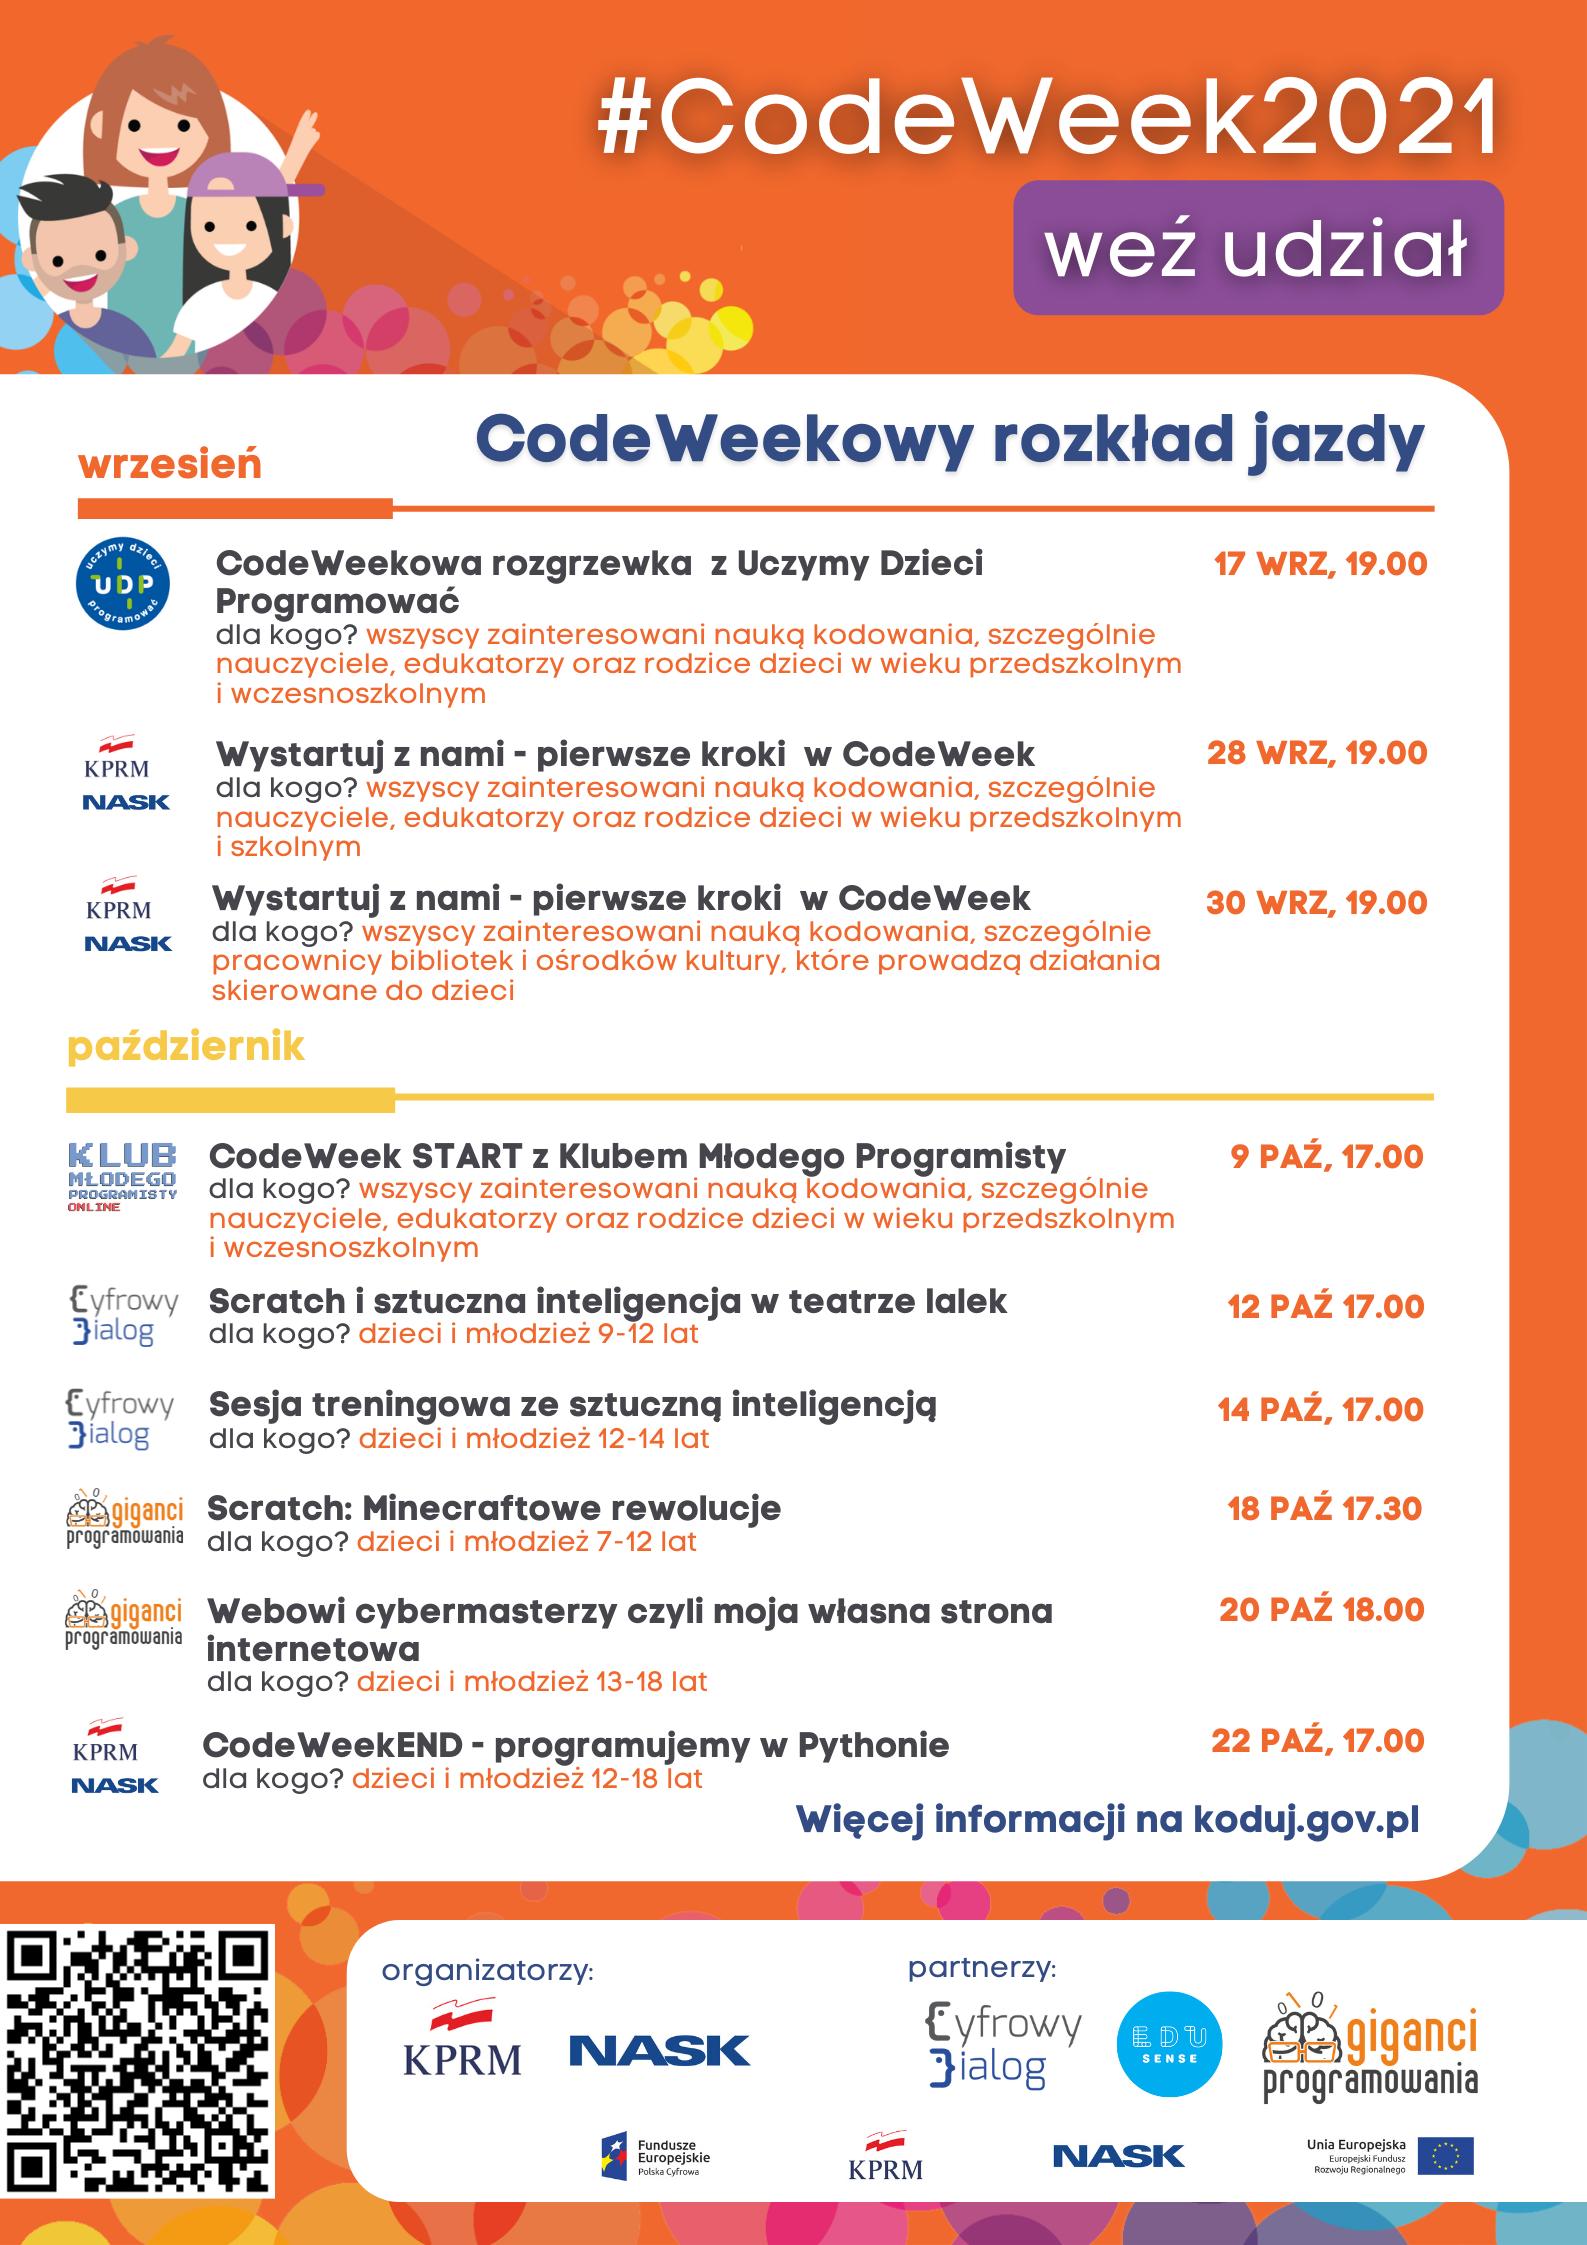 Plakat przedstawia nadchodzące wydarzenia CodeWeek 17 WRZ, 19.00 CodeWeekowa rozgrzewka z Uczymy Dzieci Programować dla kogo? wszyscy zainteresowani nauką kodowania, szczególnie nauczyciele, edukatorzy oraz rodzice dzieci w wieku przedszkolnym i wczesnoszkolnym 28 WRZ, 19.00 Wystartuj z nami - pierwsze kroki w CodeWeek dla kogo? wszyscy zainteresowani nauką kodowania, szczególnie nauczyciele, edukatorzy oraz rodzice dzieci w wieku przedszkolnym i szkolnym 30 WRZ, 19.00 Wystartuj z nami - pierwsze kroki w CodeWeek dla kogo? wszyscy zainteresowani nauką kodowania, szczególnie pracownicy bibliotek i ośrodków kultury, które prowadzą działania skierowane do dzieci 9 PAŹ, 17.00 CodeWeek START z Klubem Młodego Programisty dla kogo? wszyscy zainteresowani nauką kodowania, szczególnie nauczyciele, edukatorzy oraz rodzice dzieci w wieku przedszkolnym i wczesnoszkolnym 12 PAŹ 17.00 Scratch i sztuczna inteligencja w teatrze lalek dla kogo? dzieci i młodzież 9-12 lat 14 PAŹ, 17.00 Sesja treningowa ze sztuczną inteligencją dla kogo? dzieci i młodzież 12-14 lat 18 PAŹ 17.30 Scratch: Minecraftowe rewolucje dla kogo? dzieci i młodzież 7-12 lat 20 PAŹ 18.00 Webowi cybermasterzy czyli moja własna strona internetowa dla kogo? dzieci i młodzież 13-18 lat 22 PAŹ, 17.00 CodeWeekEND - programujemy w Pythonie dla kogo? dzieci i młodzież 12-18 lat